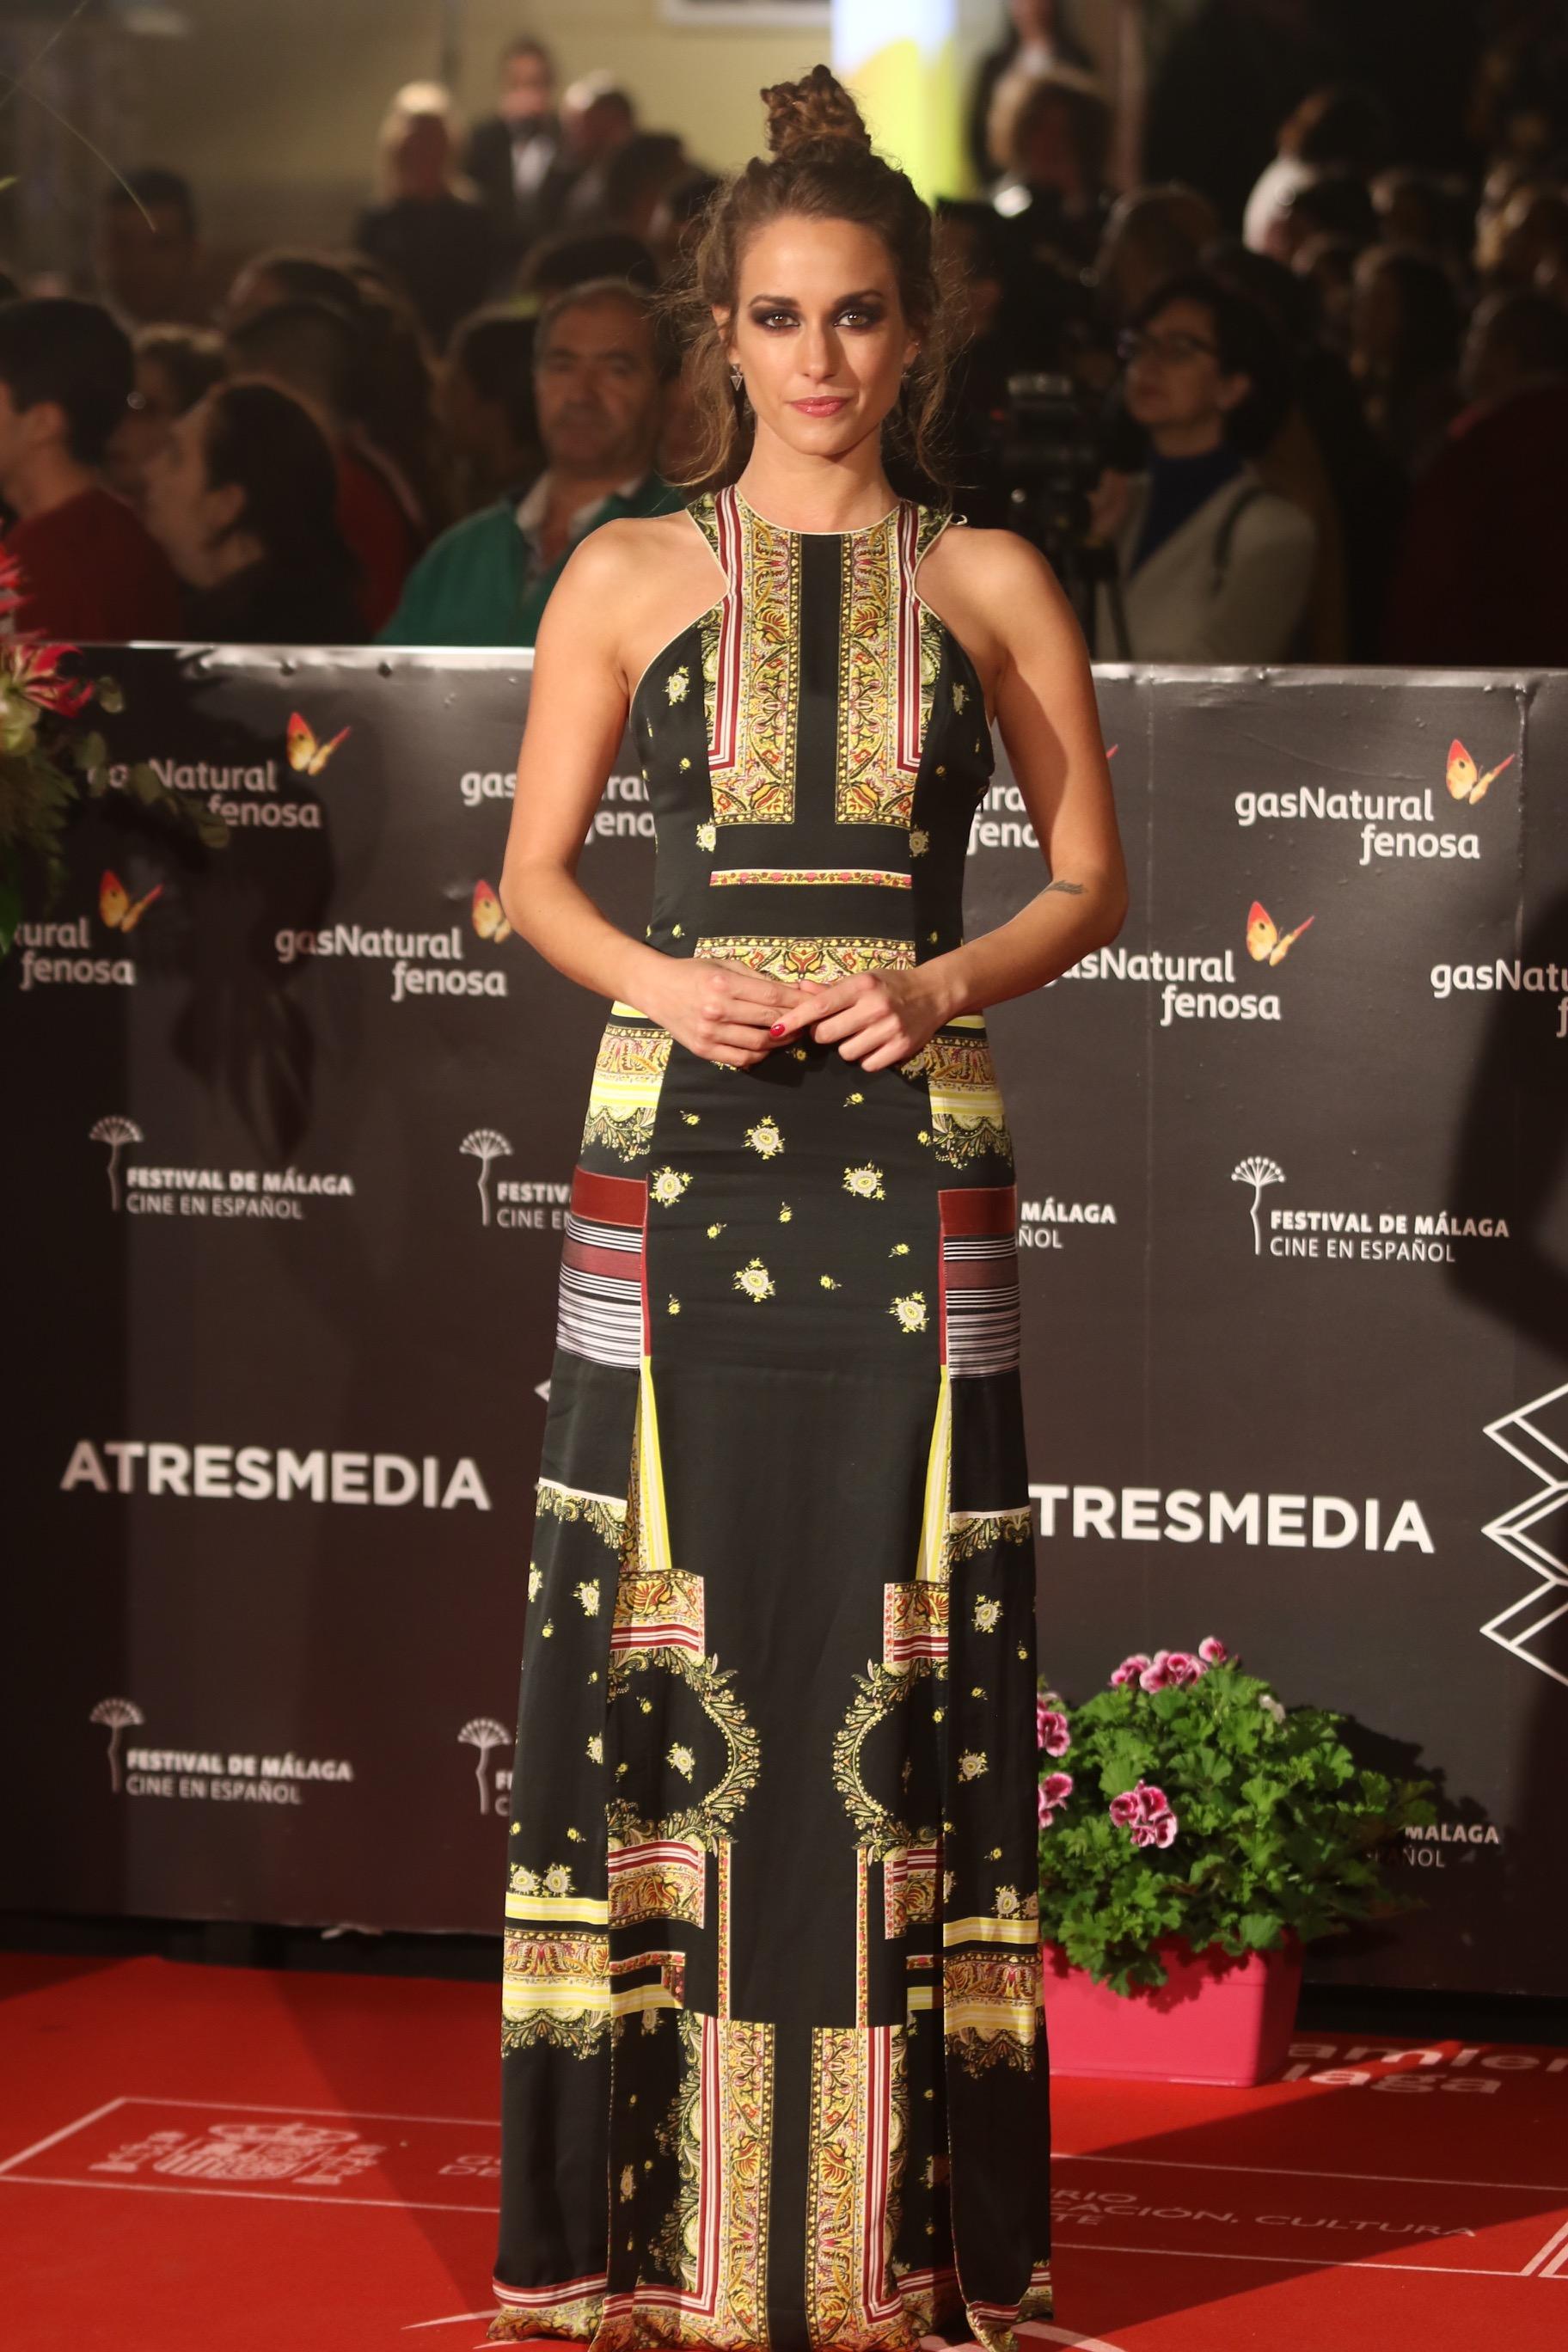 Silvia Alonso pasea por la alfombra roja del festival de cine de Málaga en español en la 20 edición el sábado